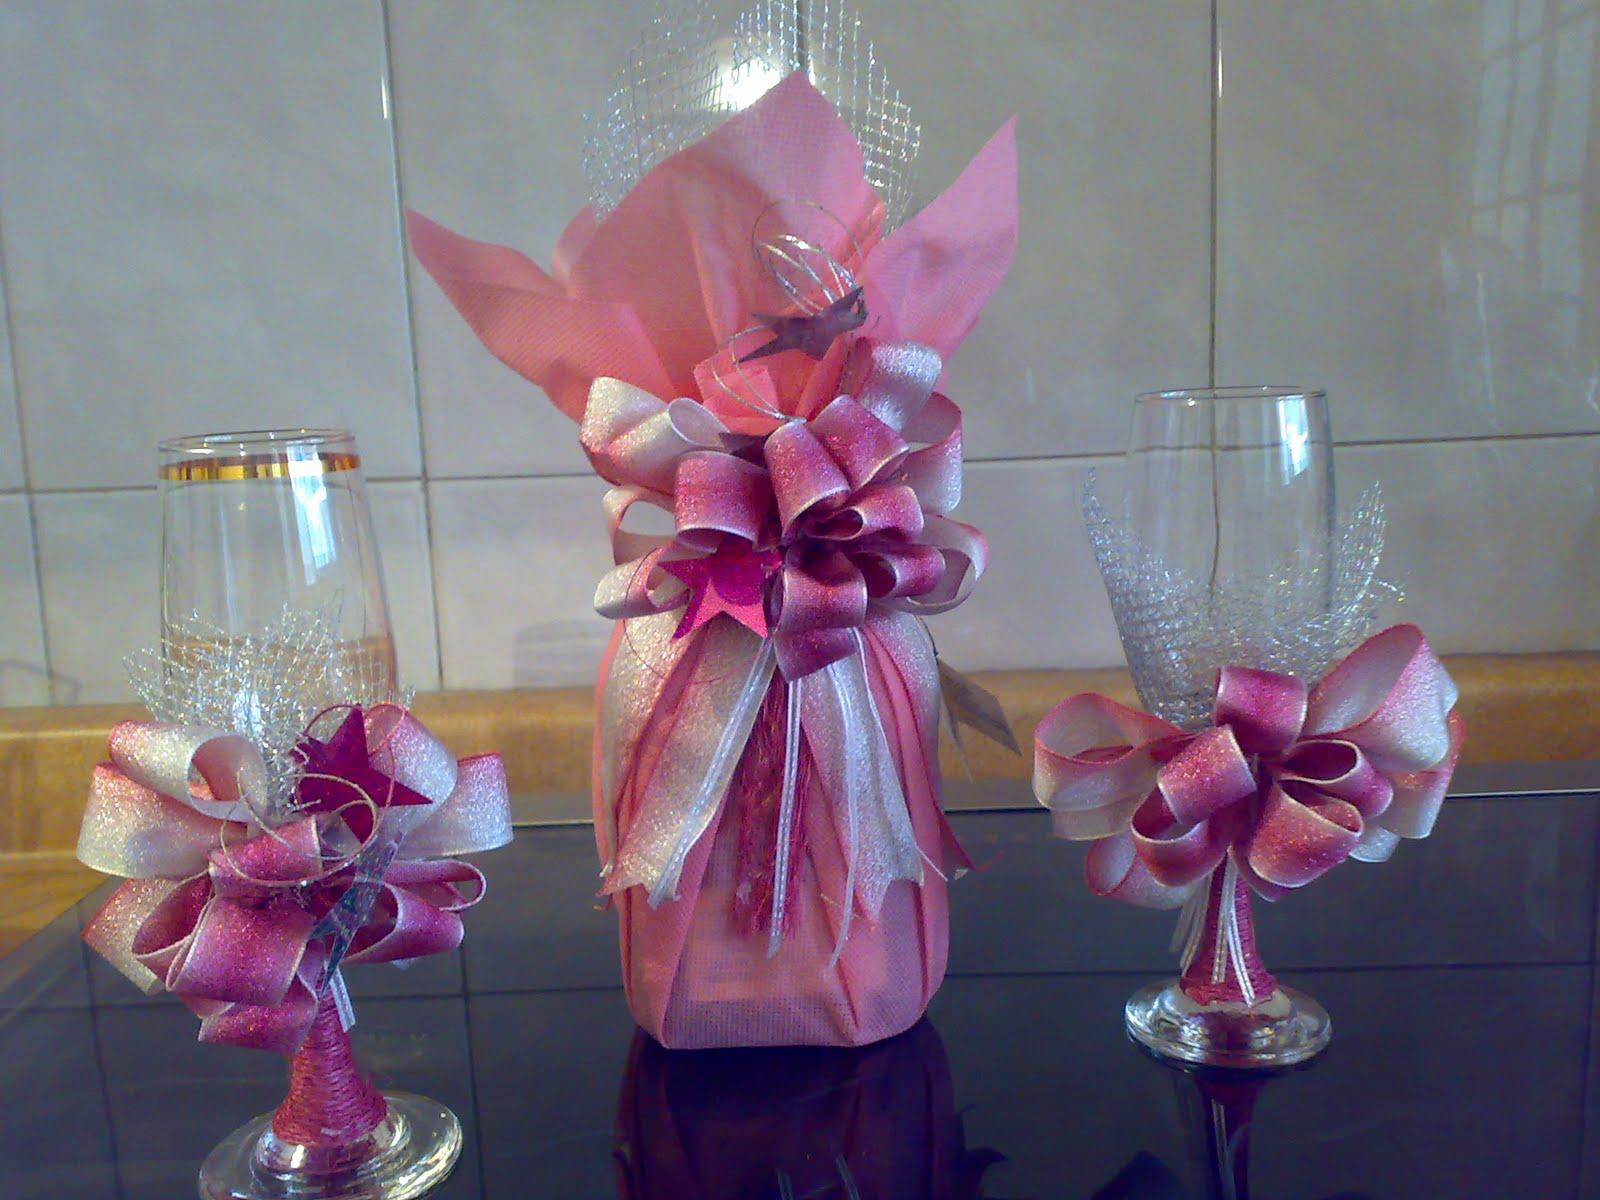 Creaciones luzma botellas decoradas for Sillas para quinceaneras decoradas